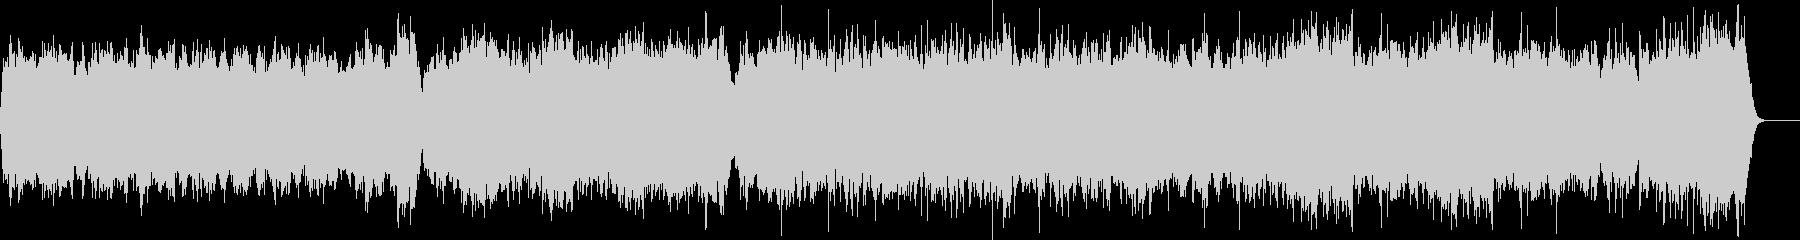 カヴァレリア・ルスティカーナより間奏曲の未再生の波形